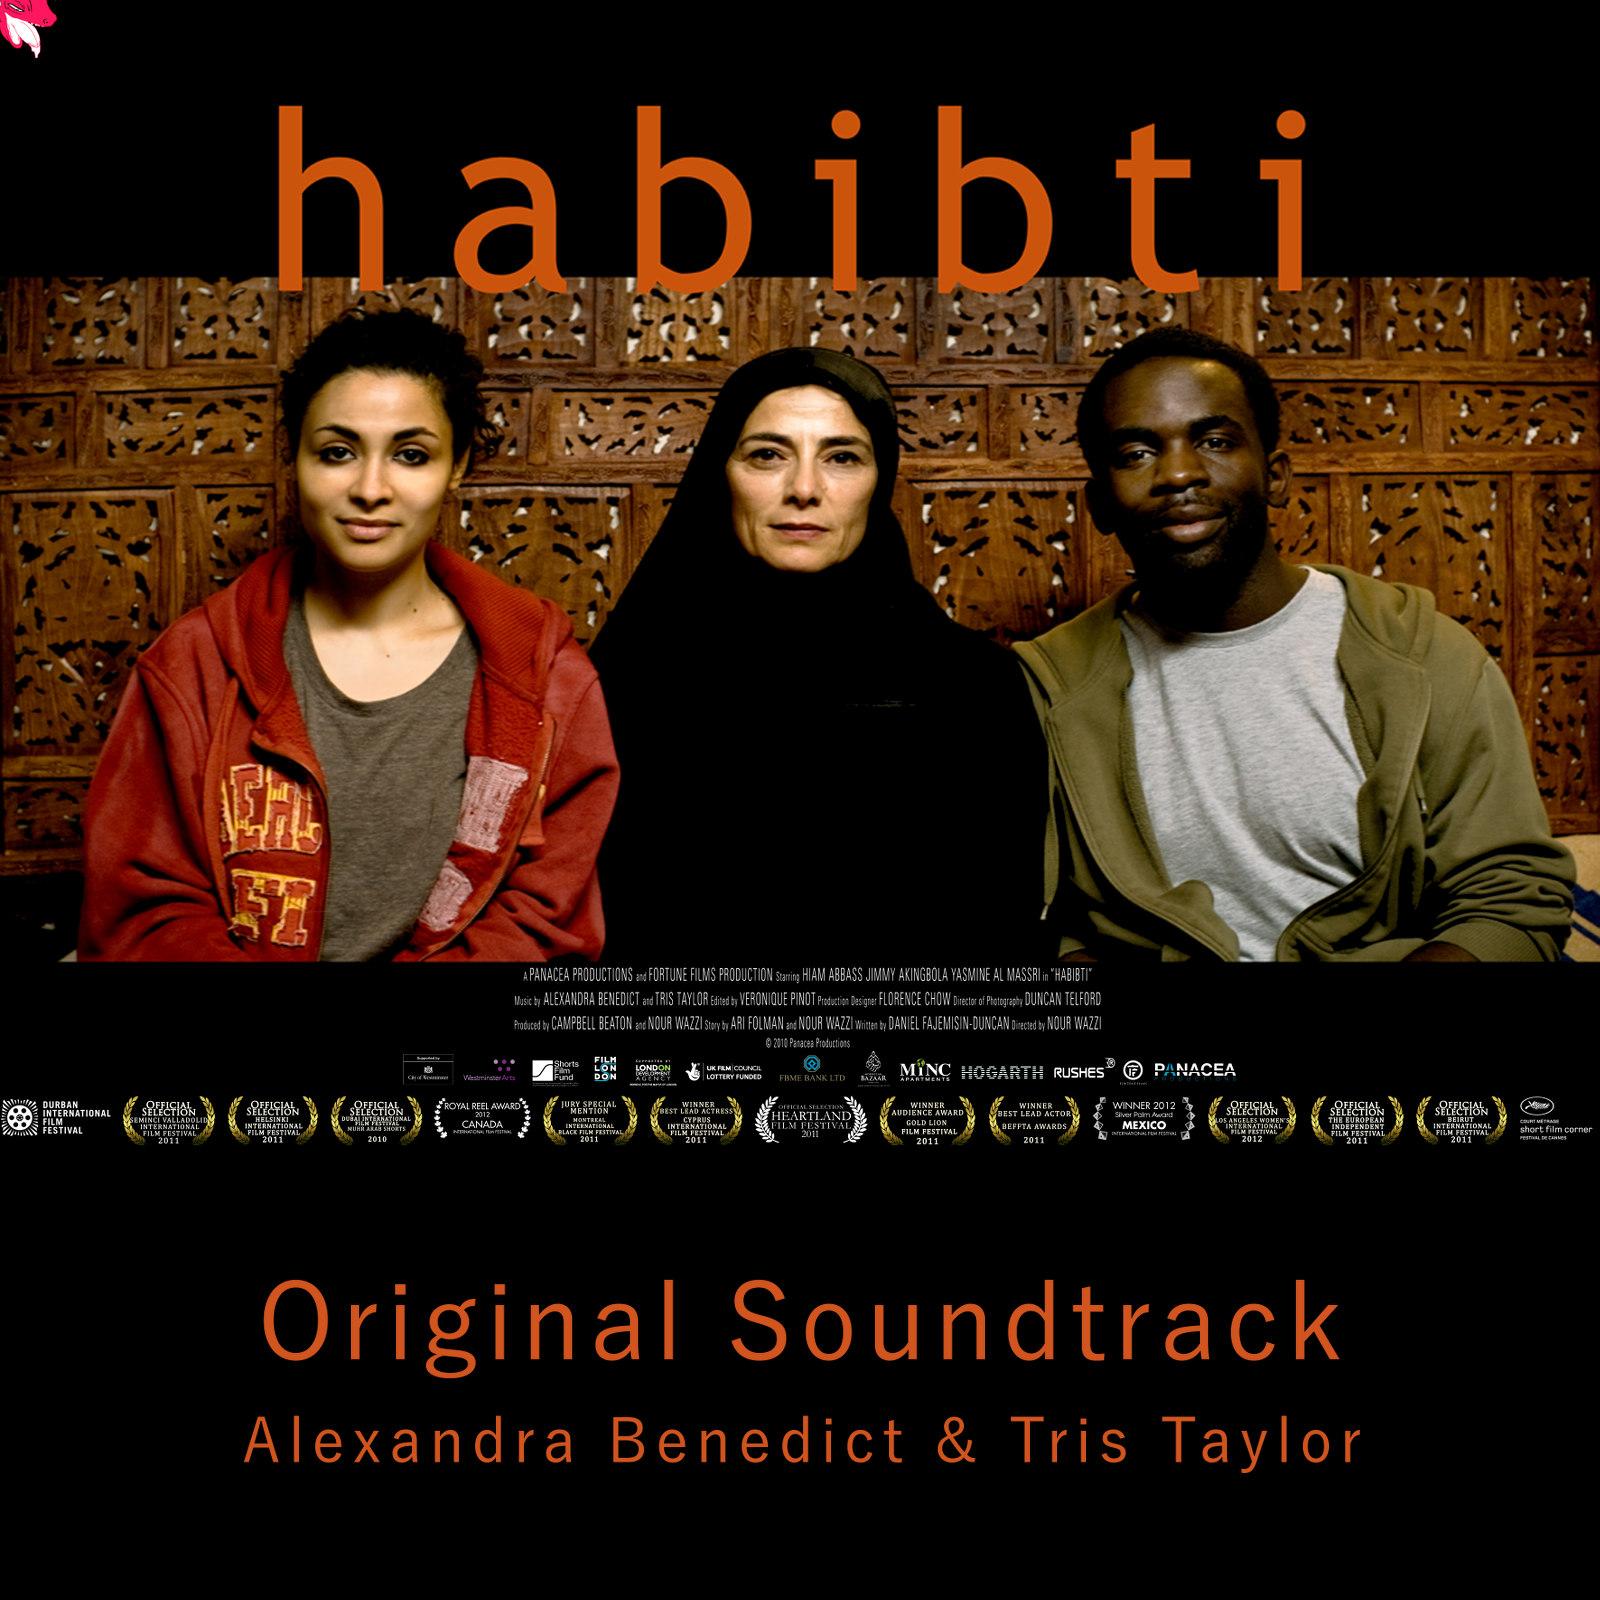 habibti-ost-03-1600-87